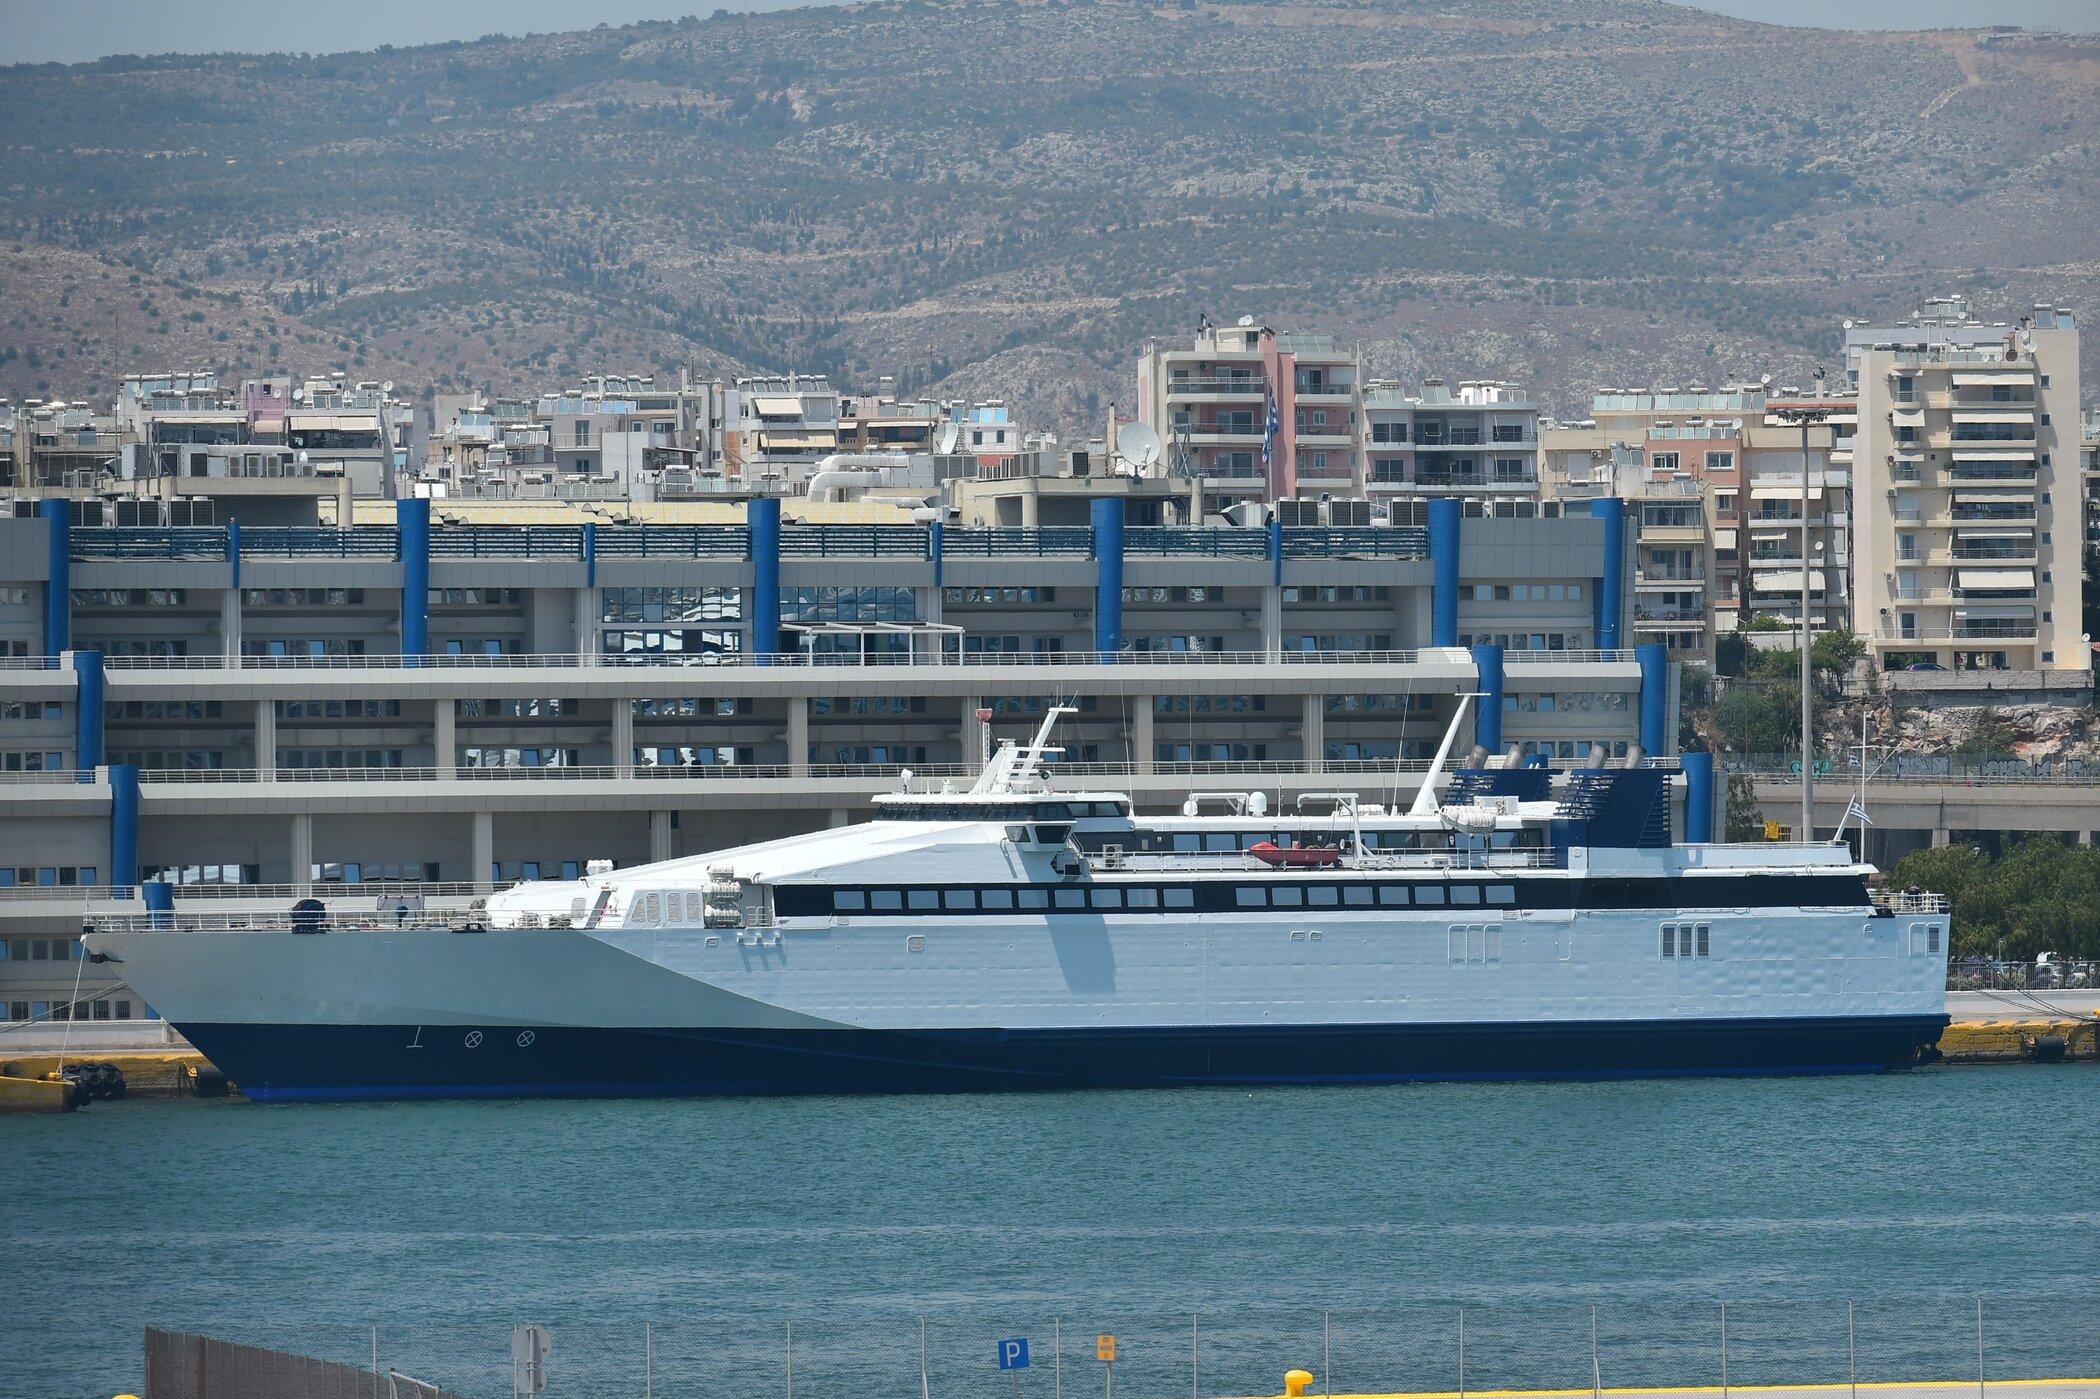 Superrunner Jet_07-06-21_Piraeus